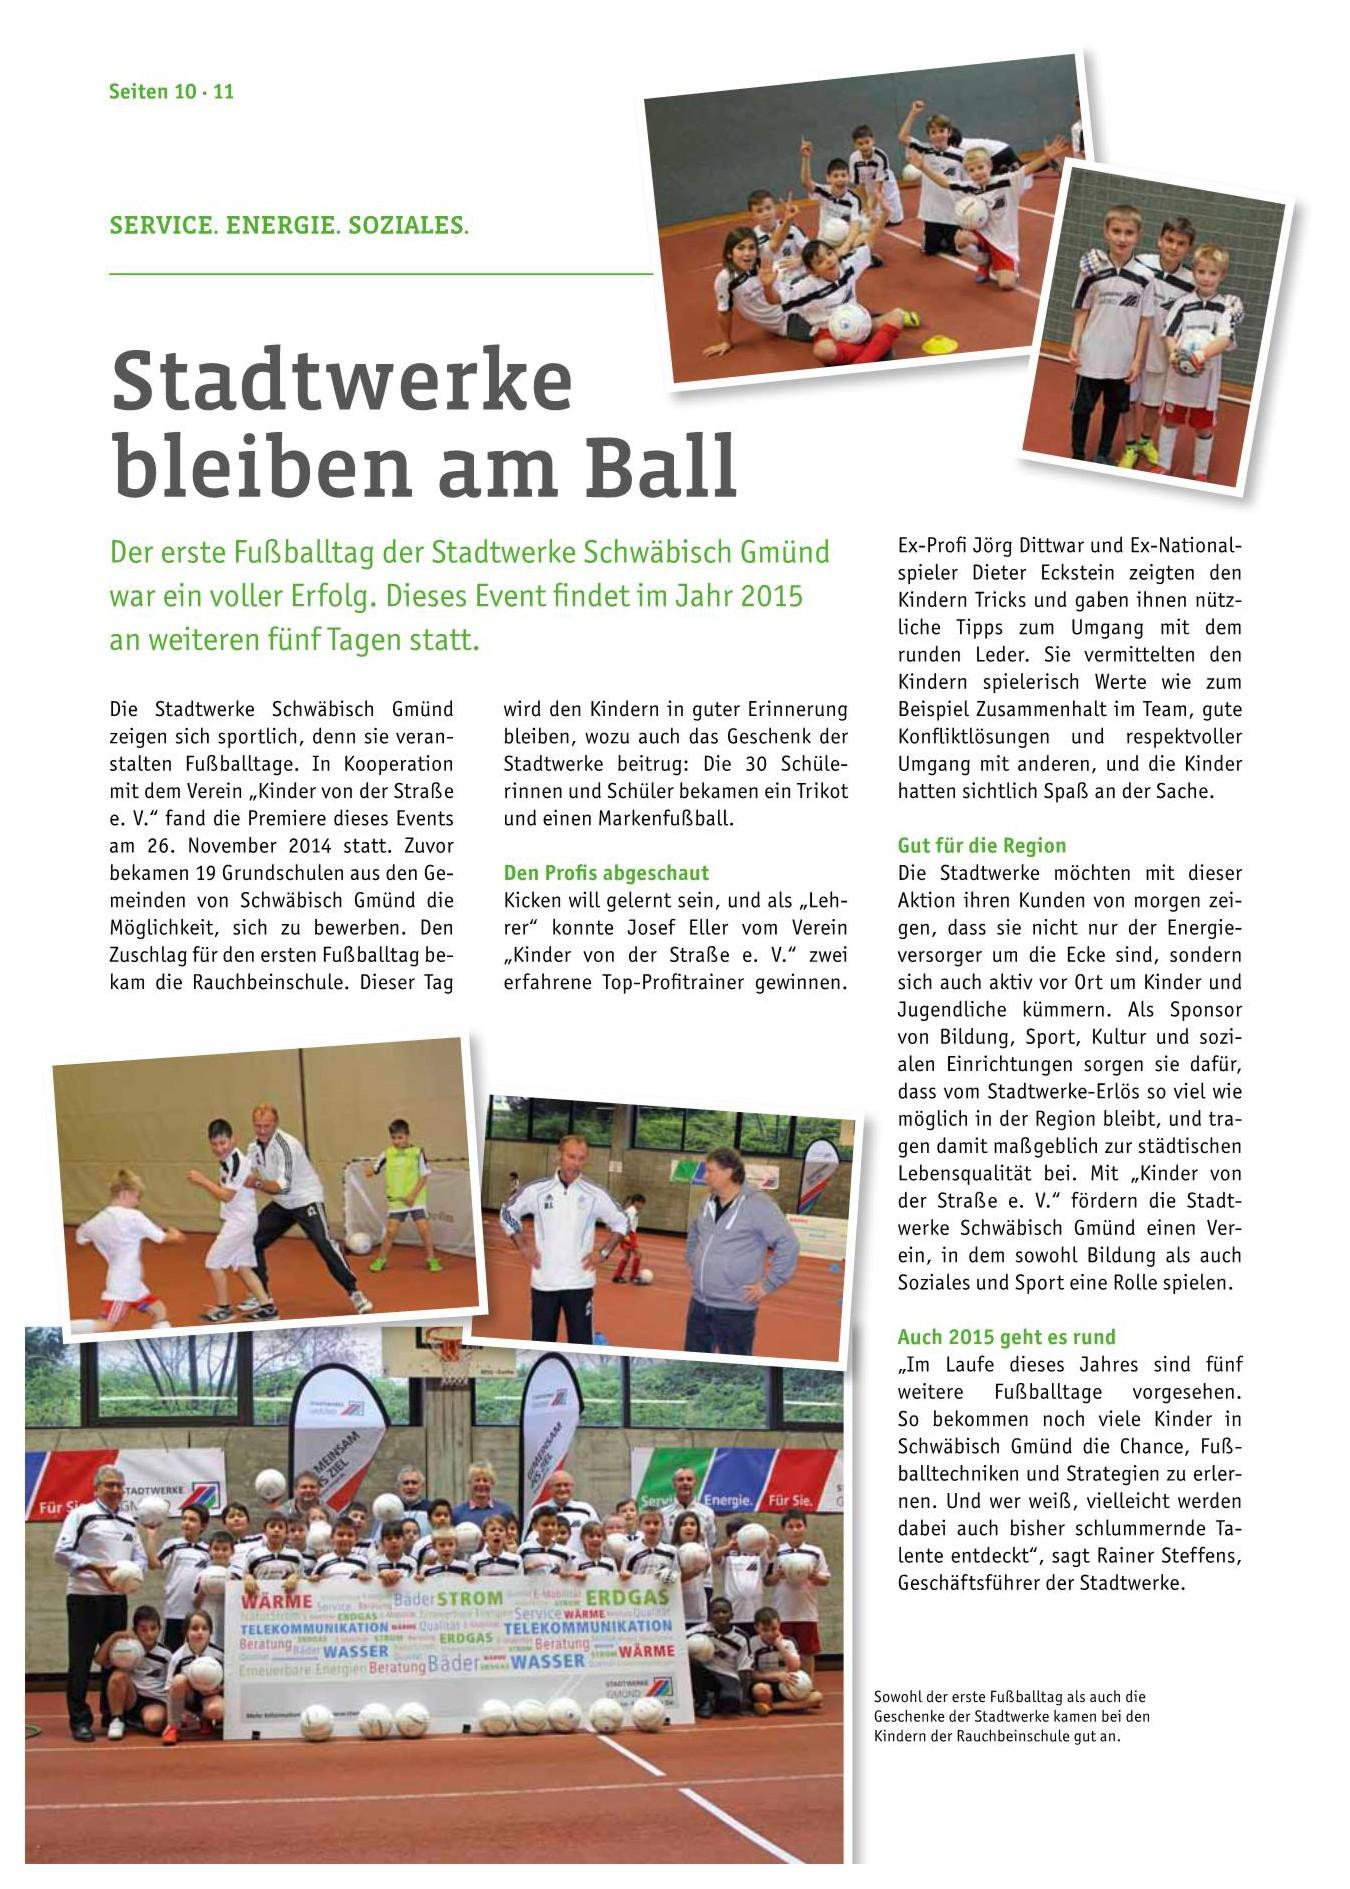 Kundenzeitschrift der Stadtwerke Schwaebisch Gmuend 12015 - Bild 1 - Datum: 30.01.2015 - Tags: Pressebericht, AKTION FUSSBALLTAG e.V.